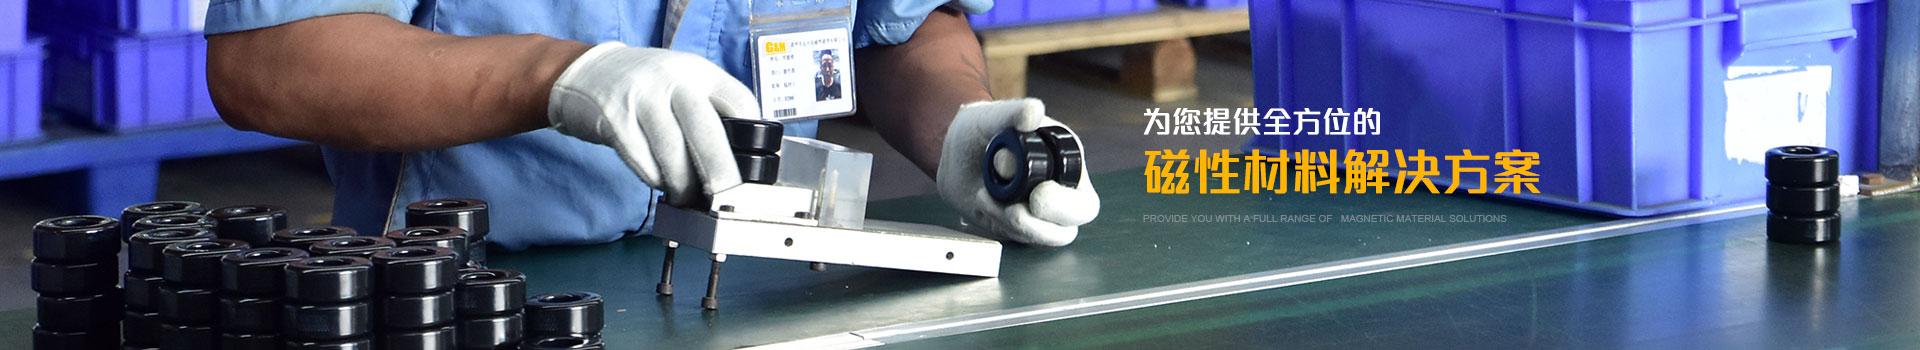 金磁高科,为您提供全方位的磁性材料解决方案